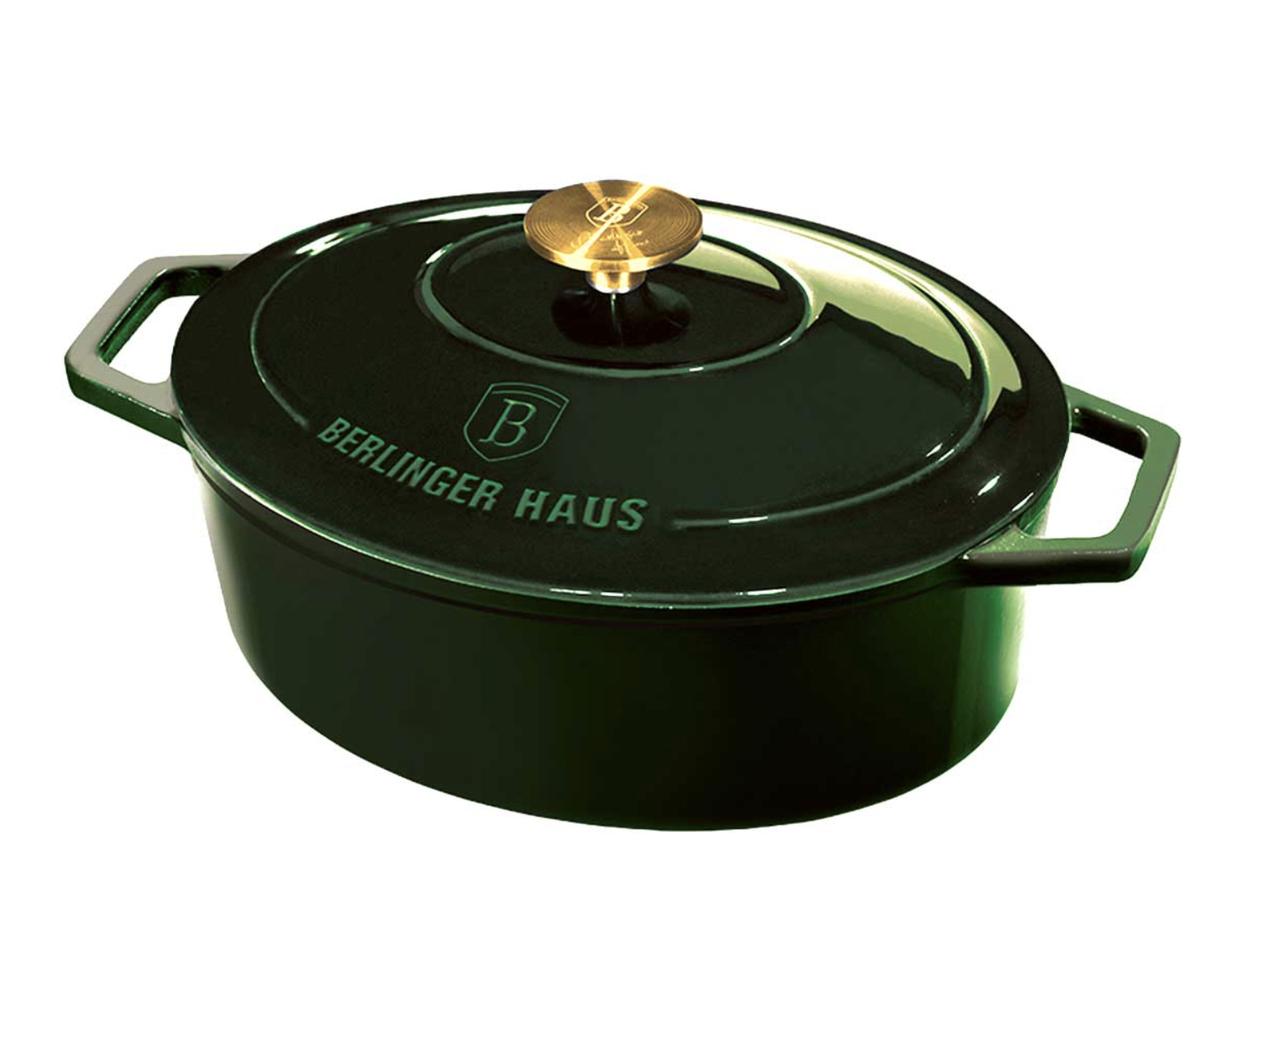 Чугунная кастрюля с крышкой с эмалированным покрытием Berlinger Haus Emerald Collection